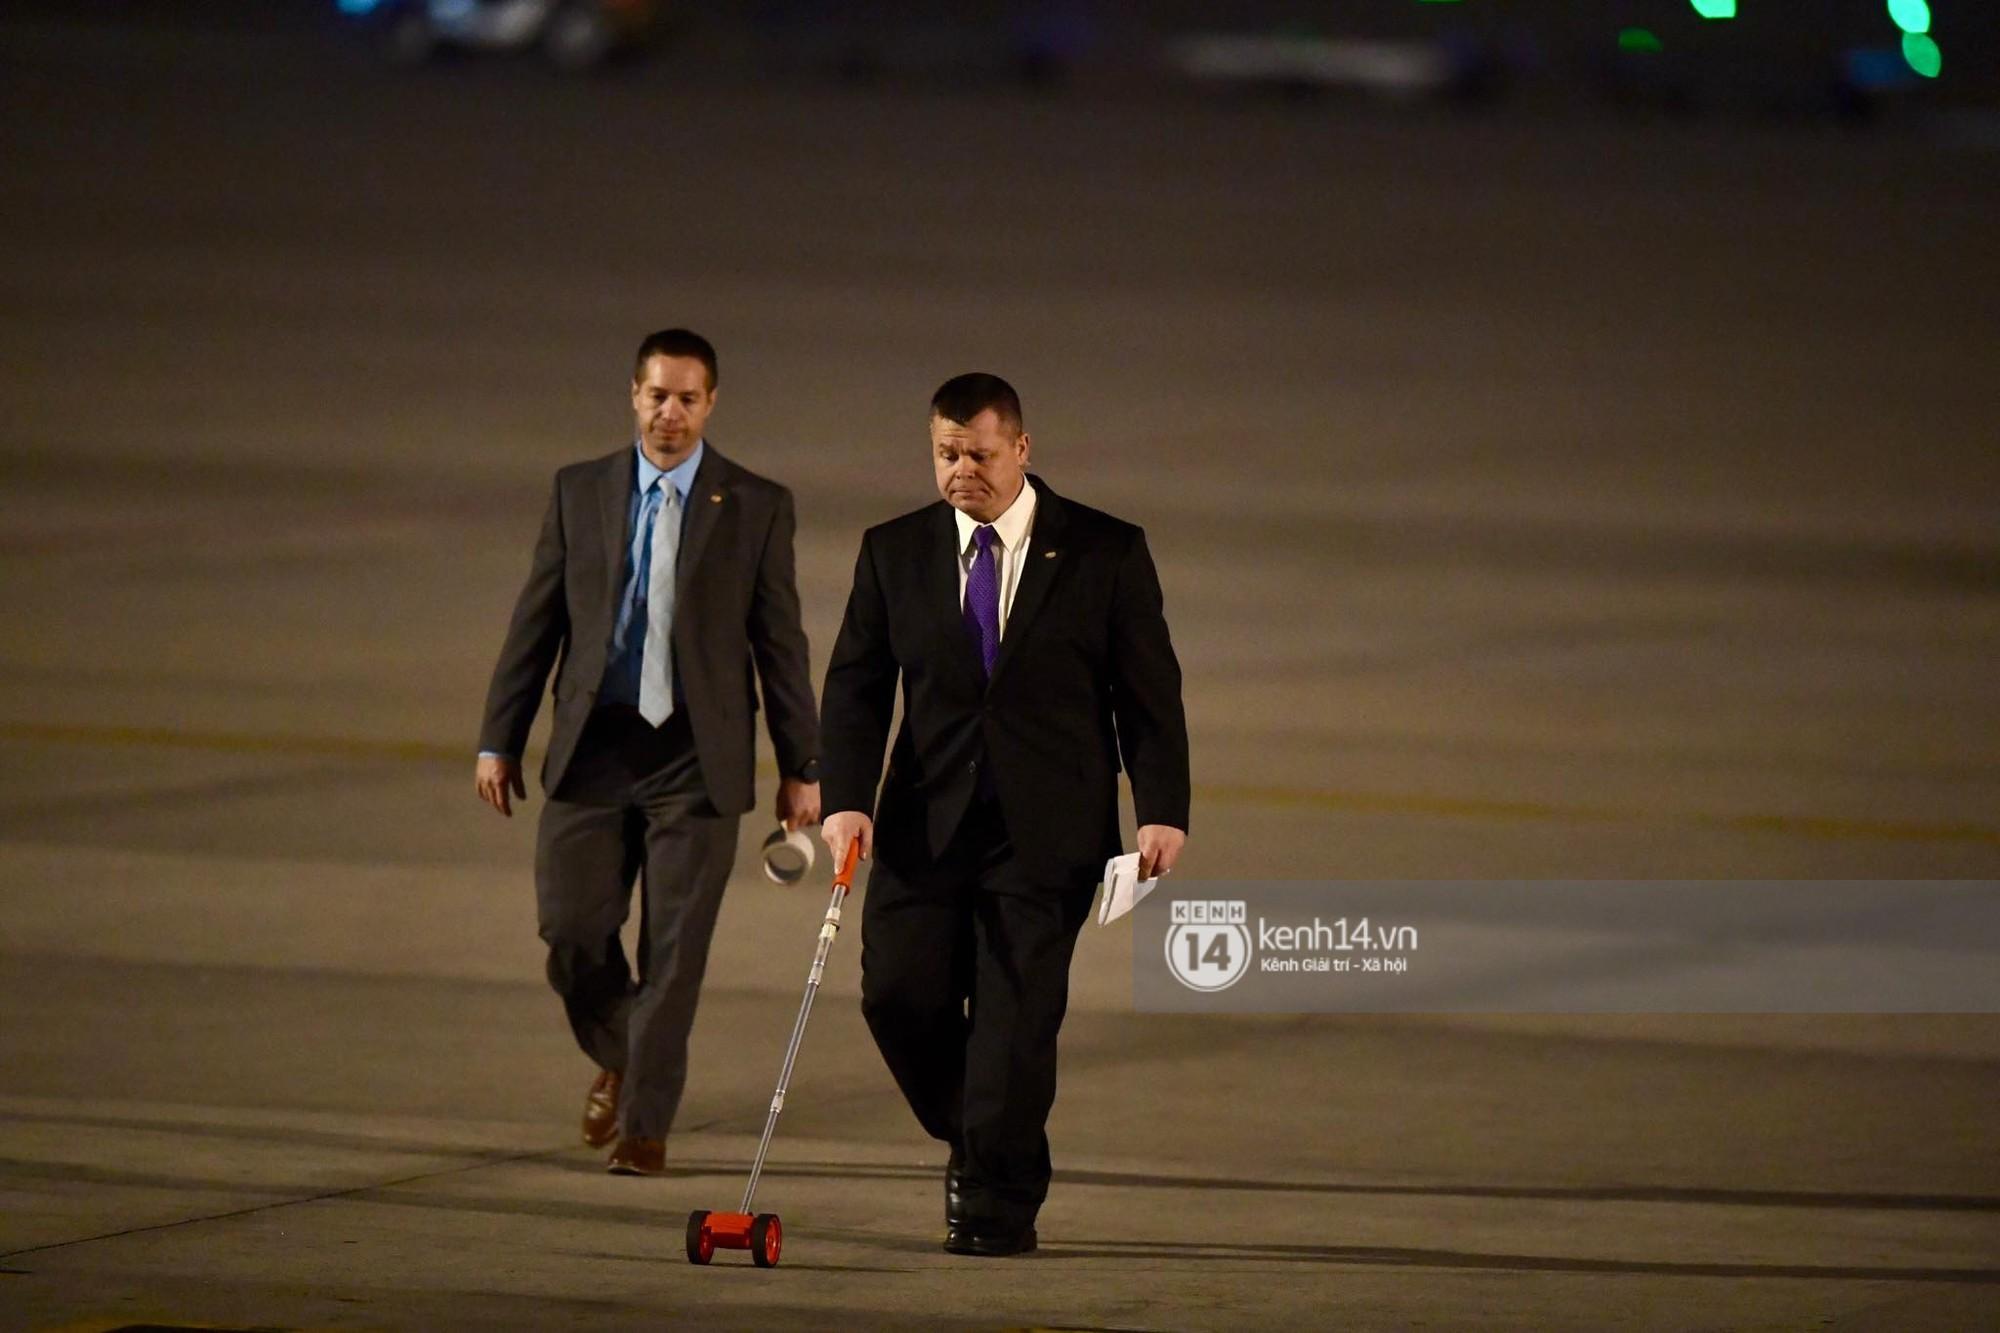 Tổng thống Trump cảm ơn Việt Nam sau khi đặt chân tới Hà Nội-17